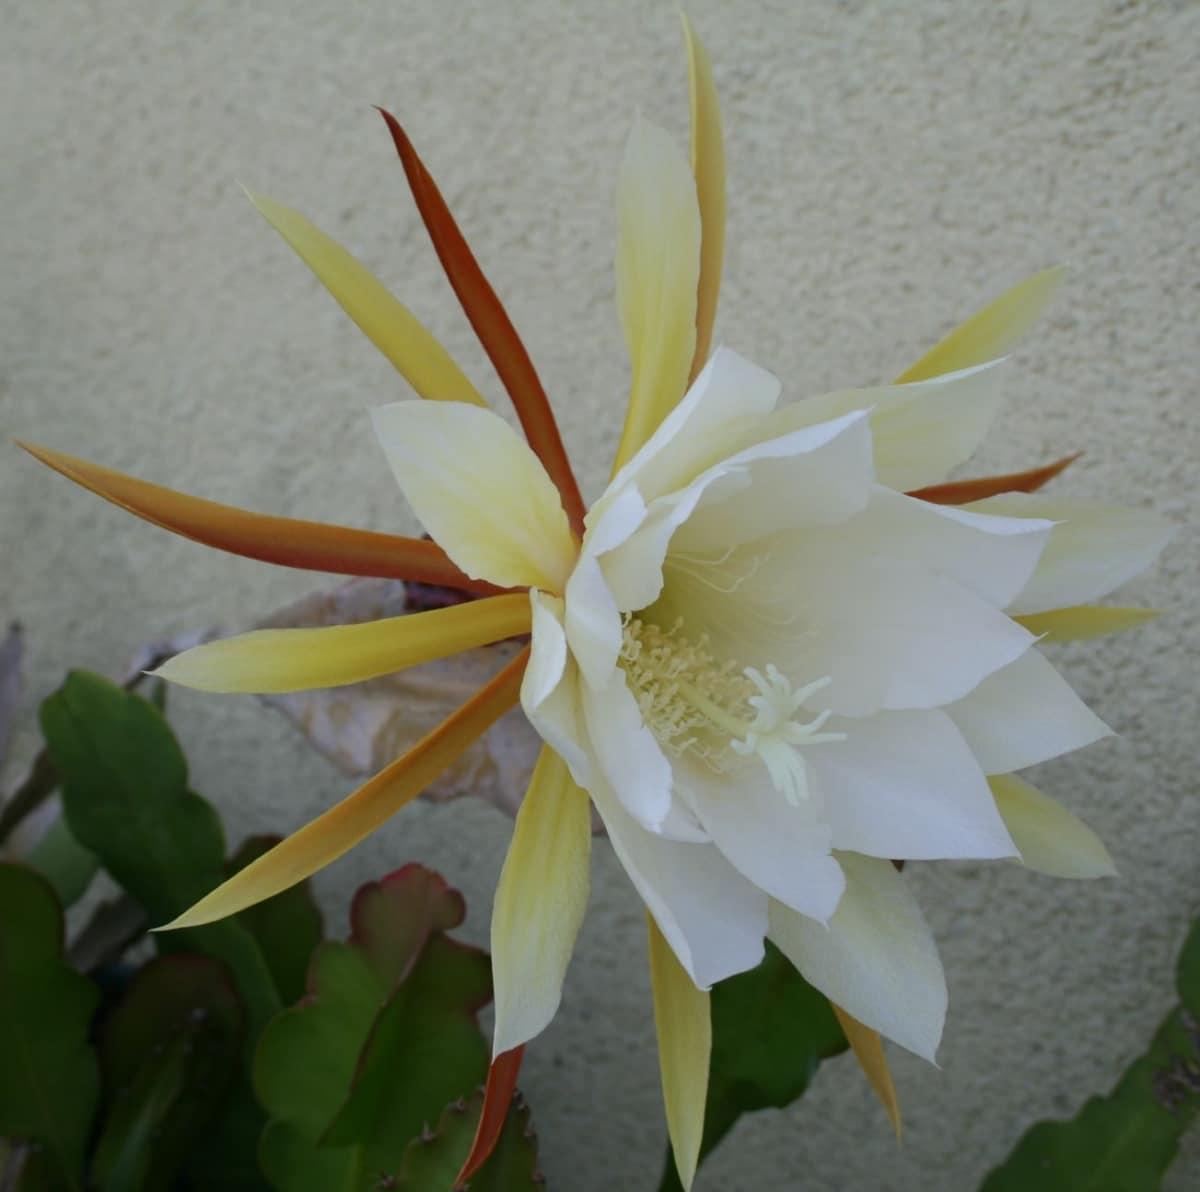 El Epiphyllum es una planta conocida como dama de noche